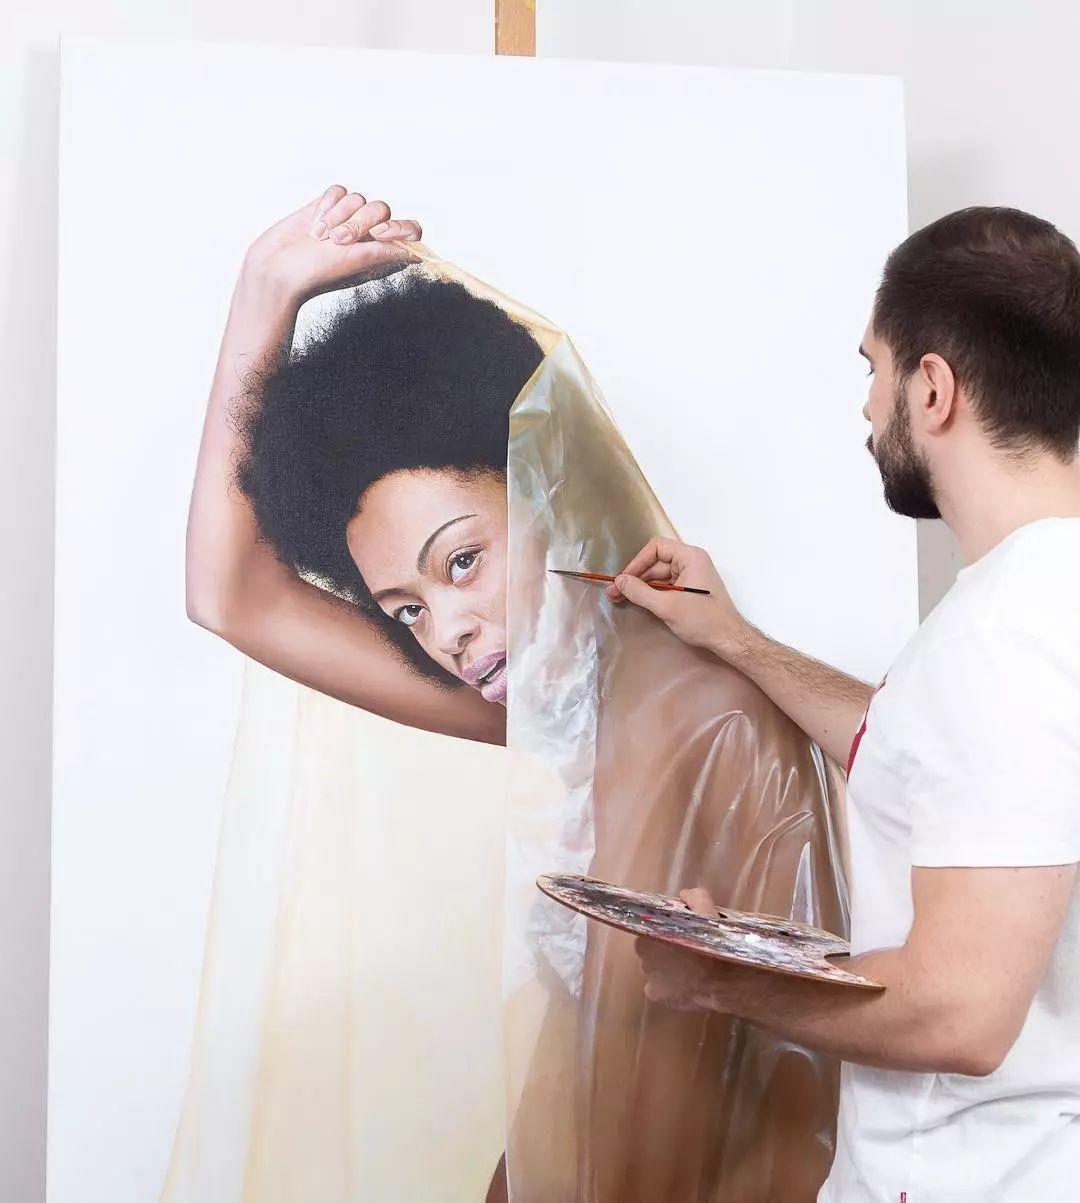 他画了一波美人,笔触精致,活色生香~插图33